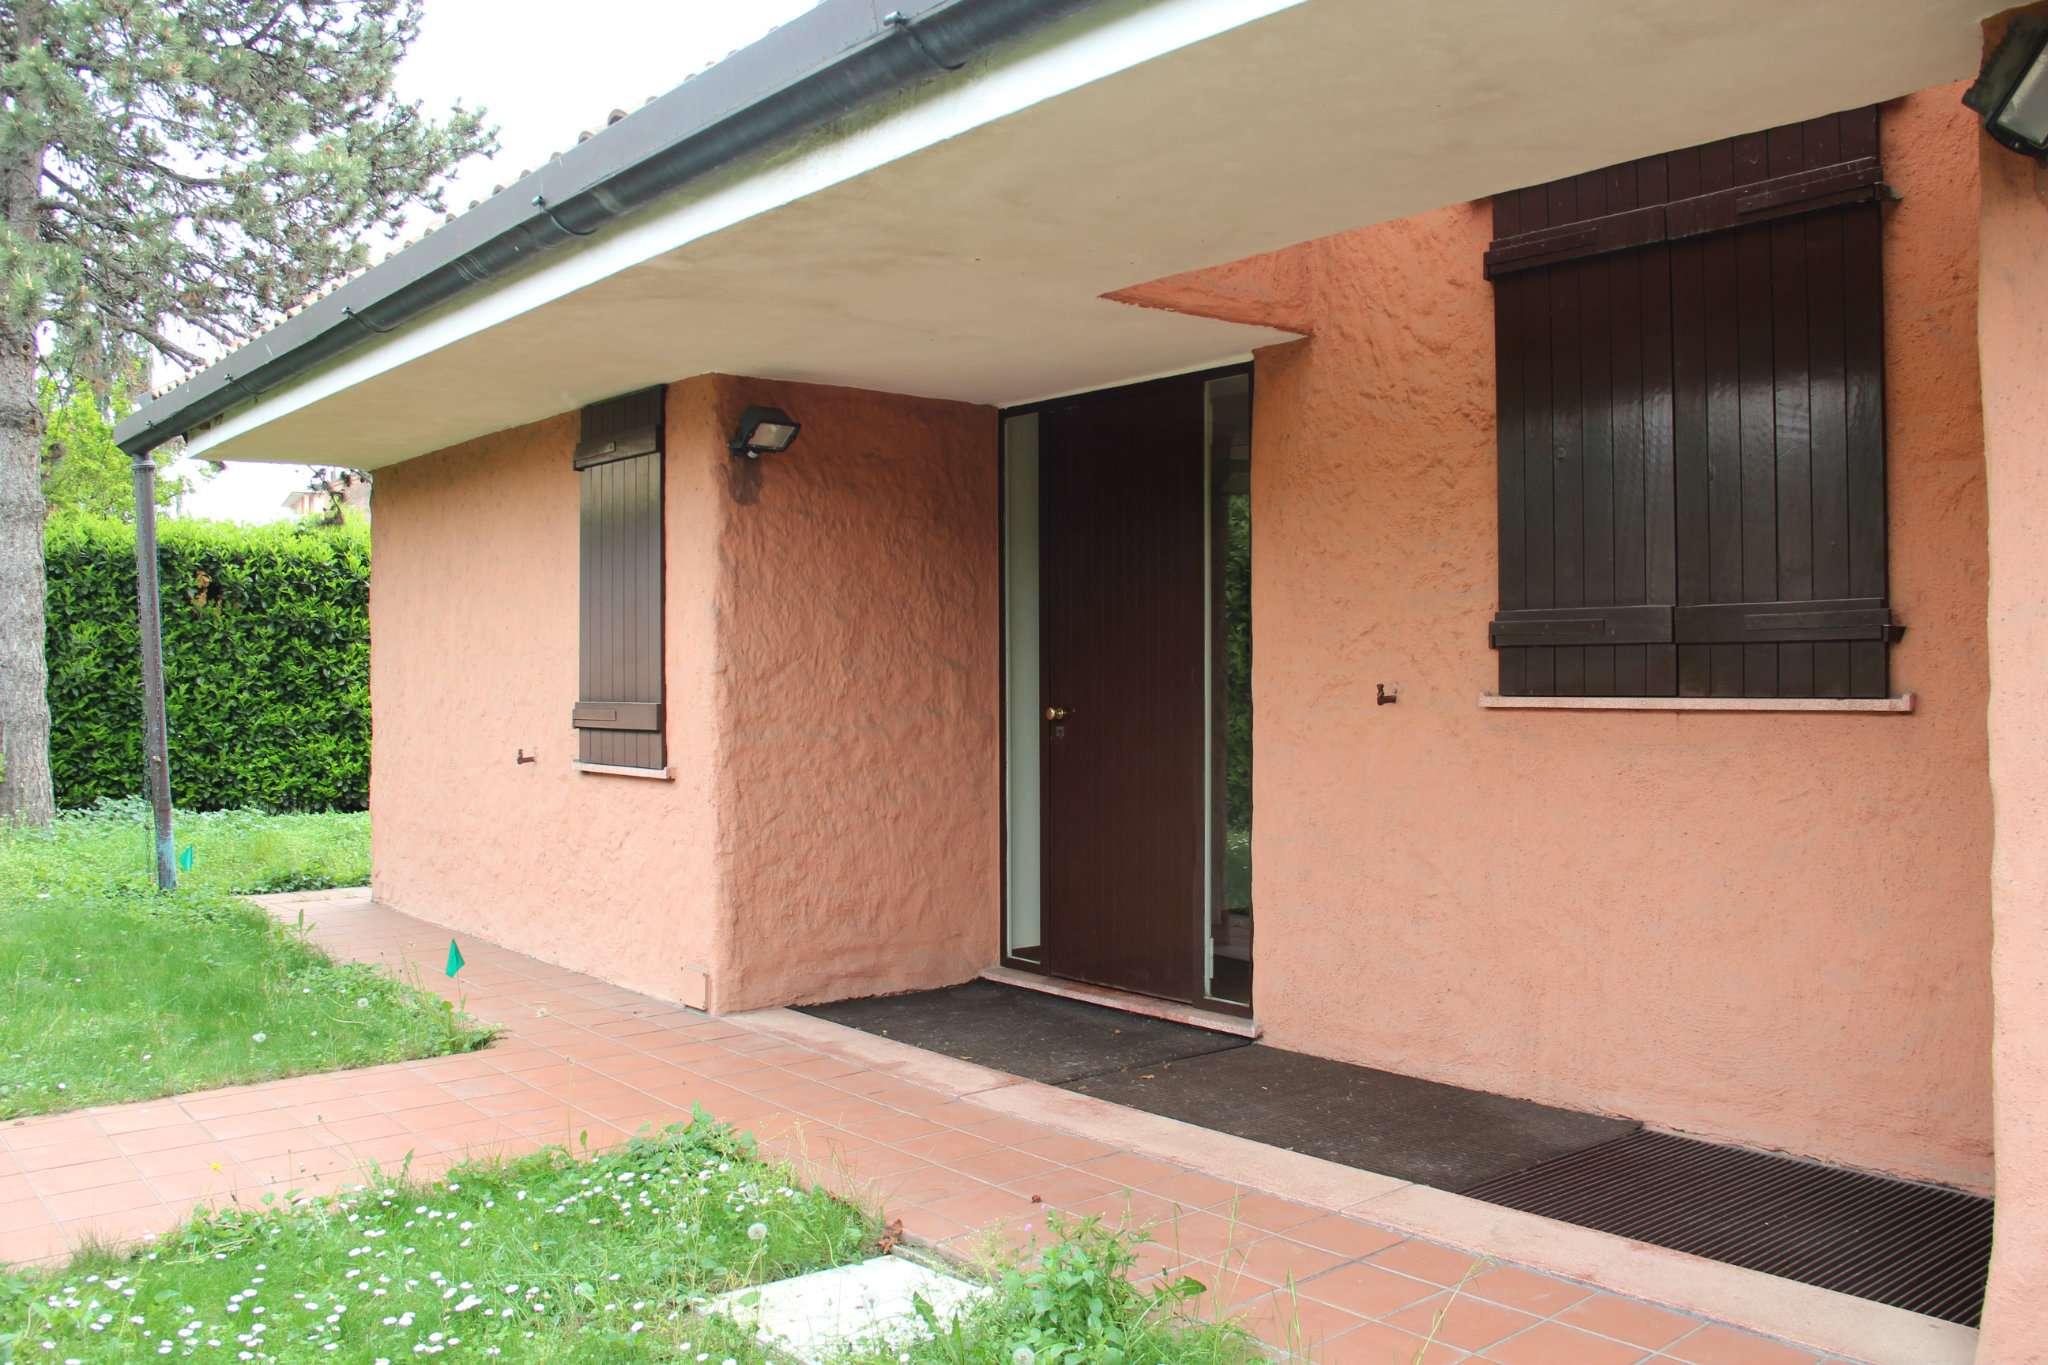 Villa Casa Vendita Lainate Di Metri Quadrati 900 Prezzo 900000 Nella Zona Di Centro Rif Villa Con Piscina